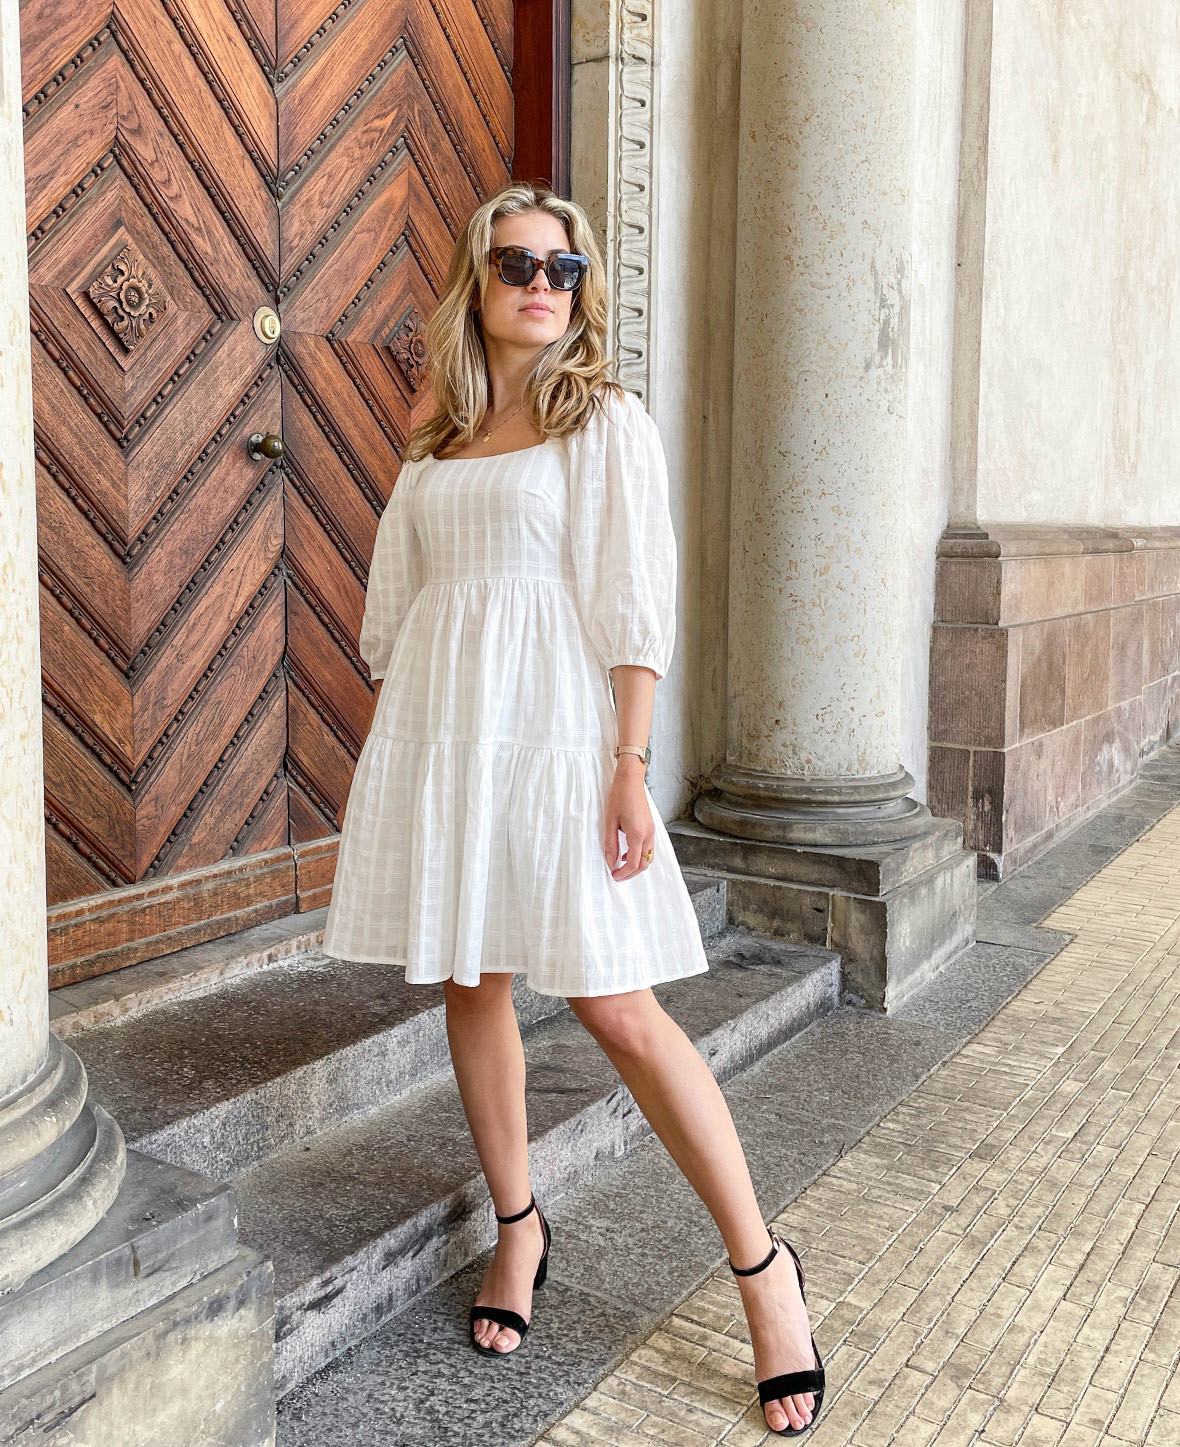 blog-hvide-kjoler-dress.jpg